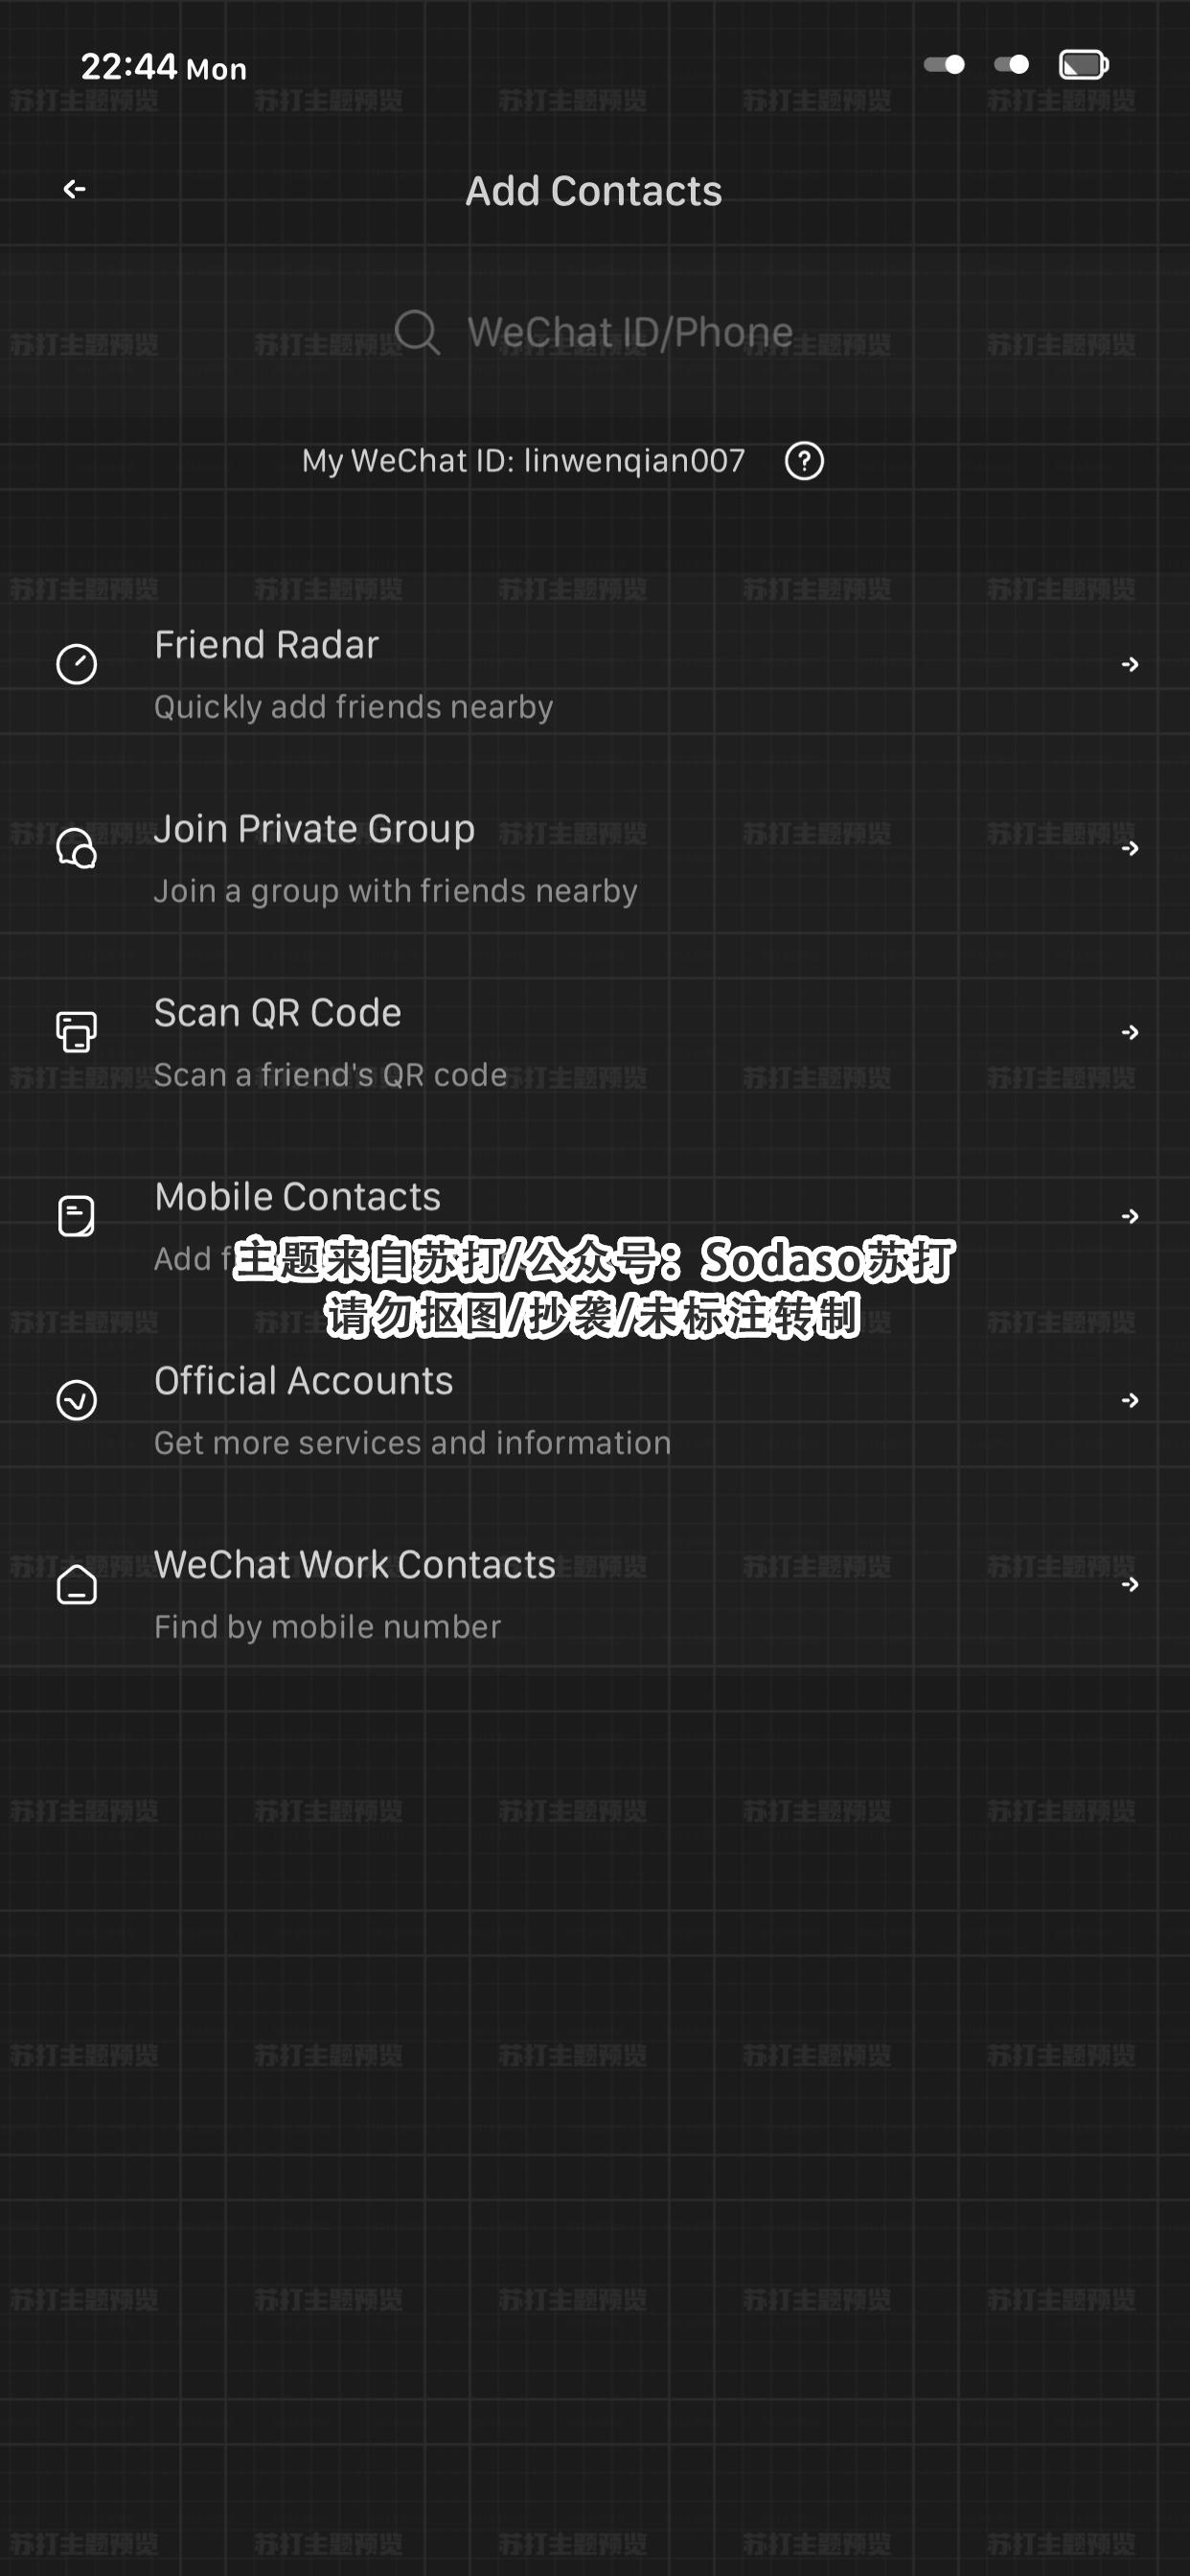 BriefDark WeChatTheme(暗黑版微信主题) - 1.01